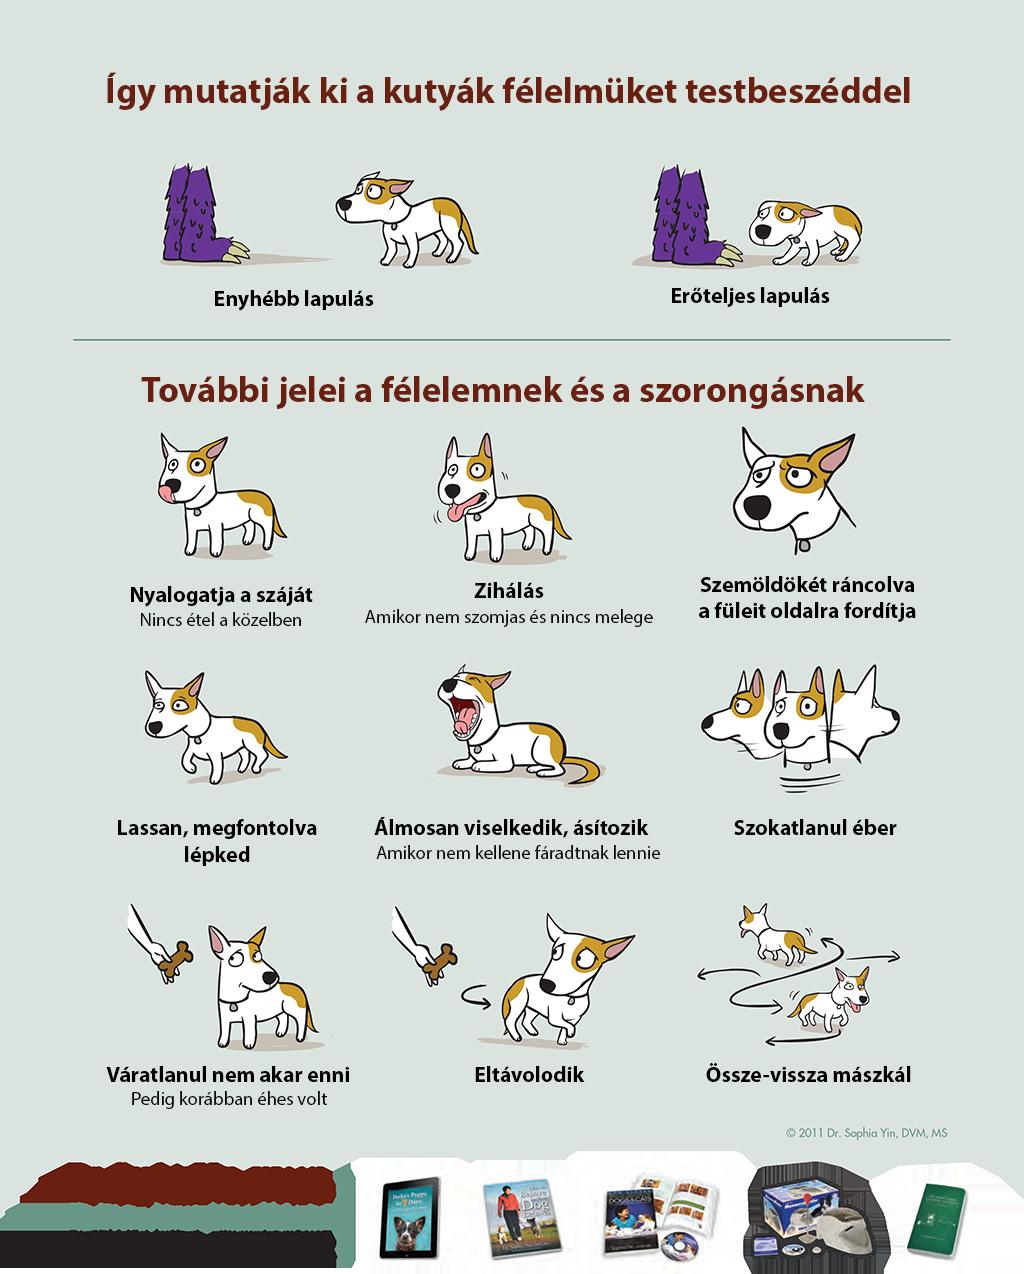 Így mutatják ki a kutyák ha félnek vagy szorongnak